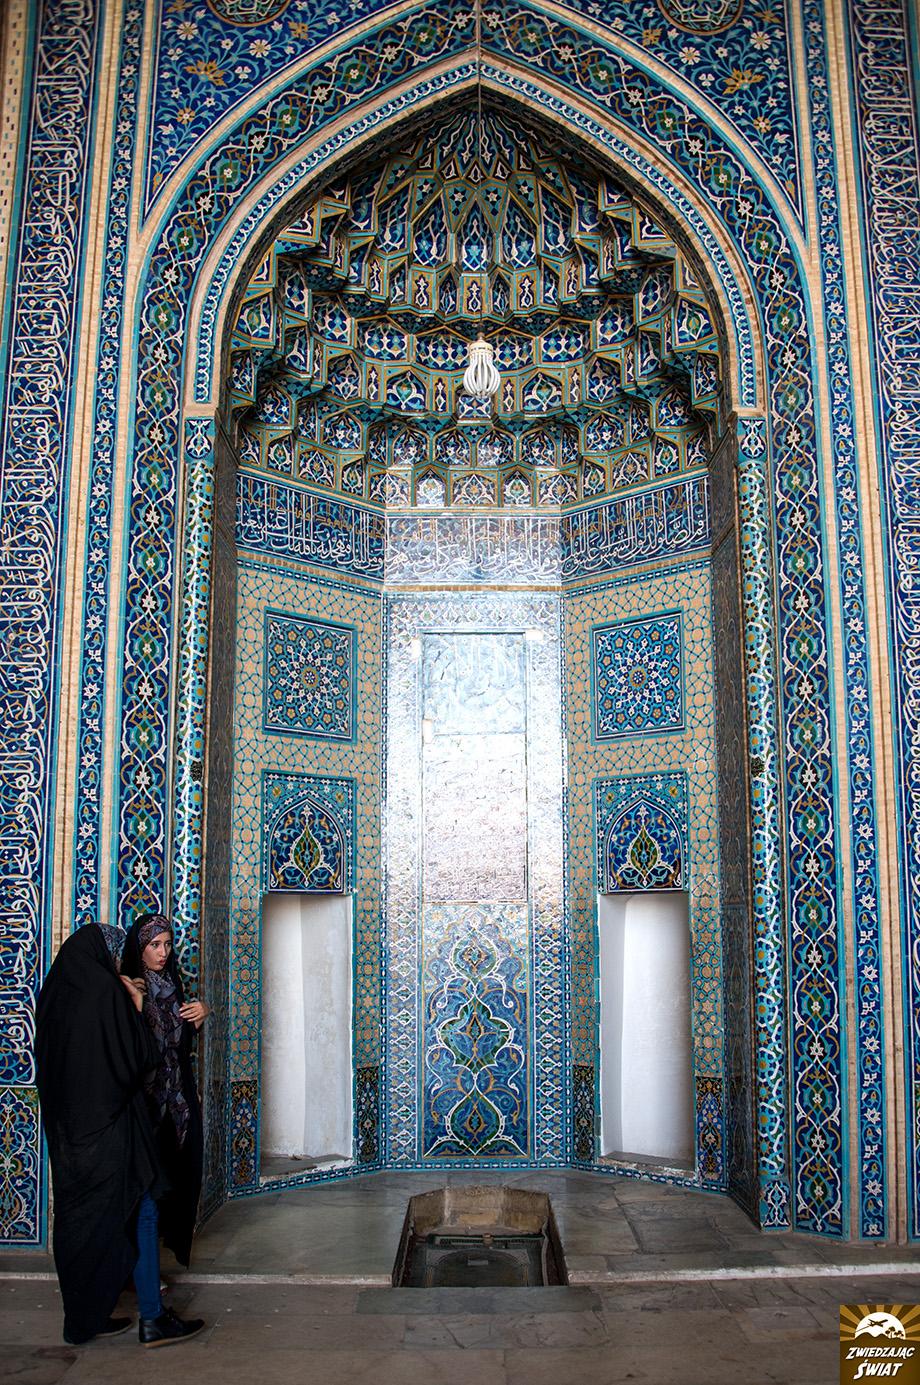 Meczet Piątkowy, Jazd, Iran